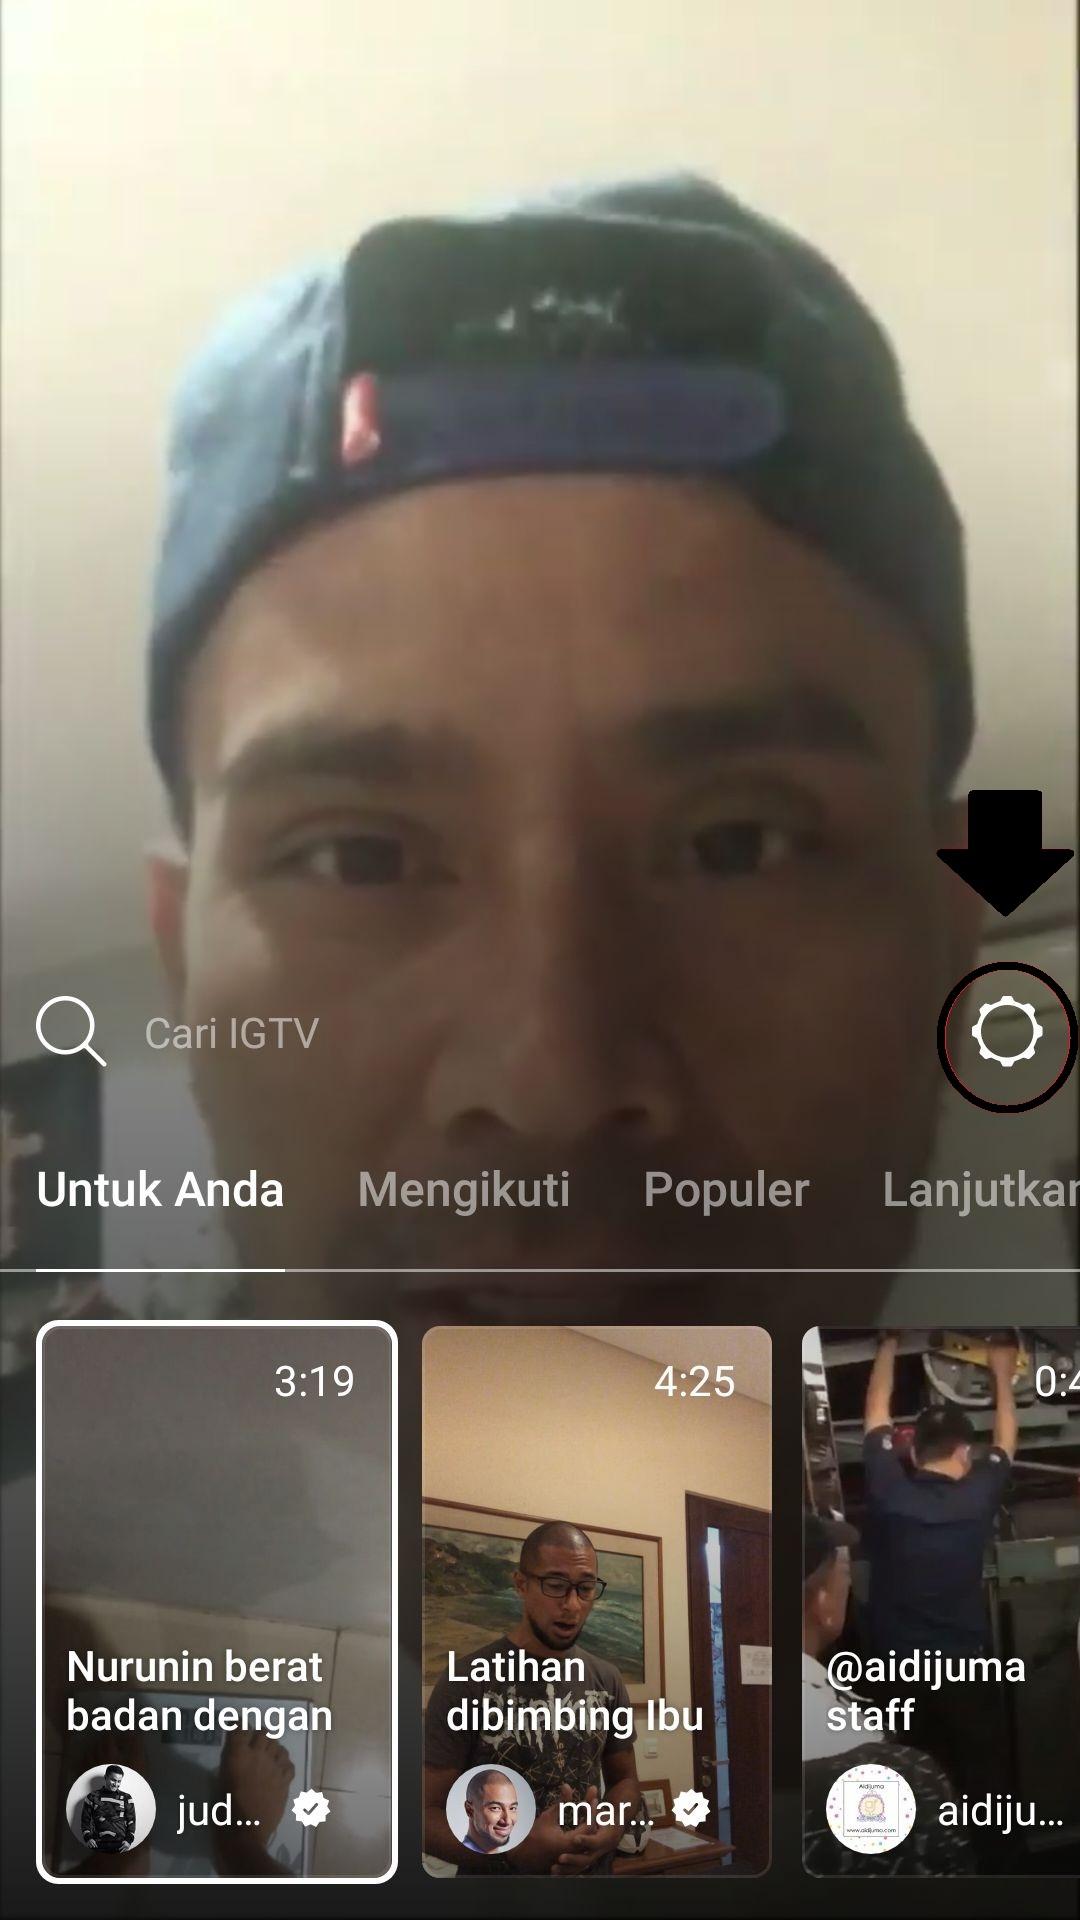 Inilah IG TV dengan Sejuta Kejutan buat Kamu Instagram Lovers!